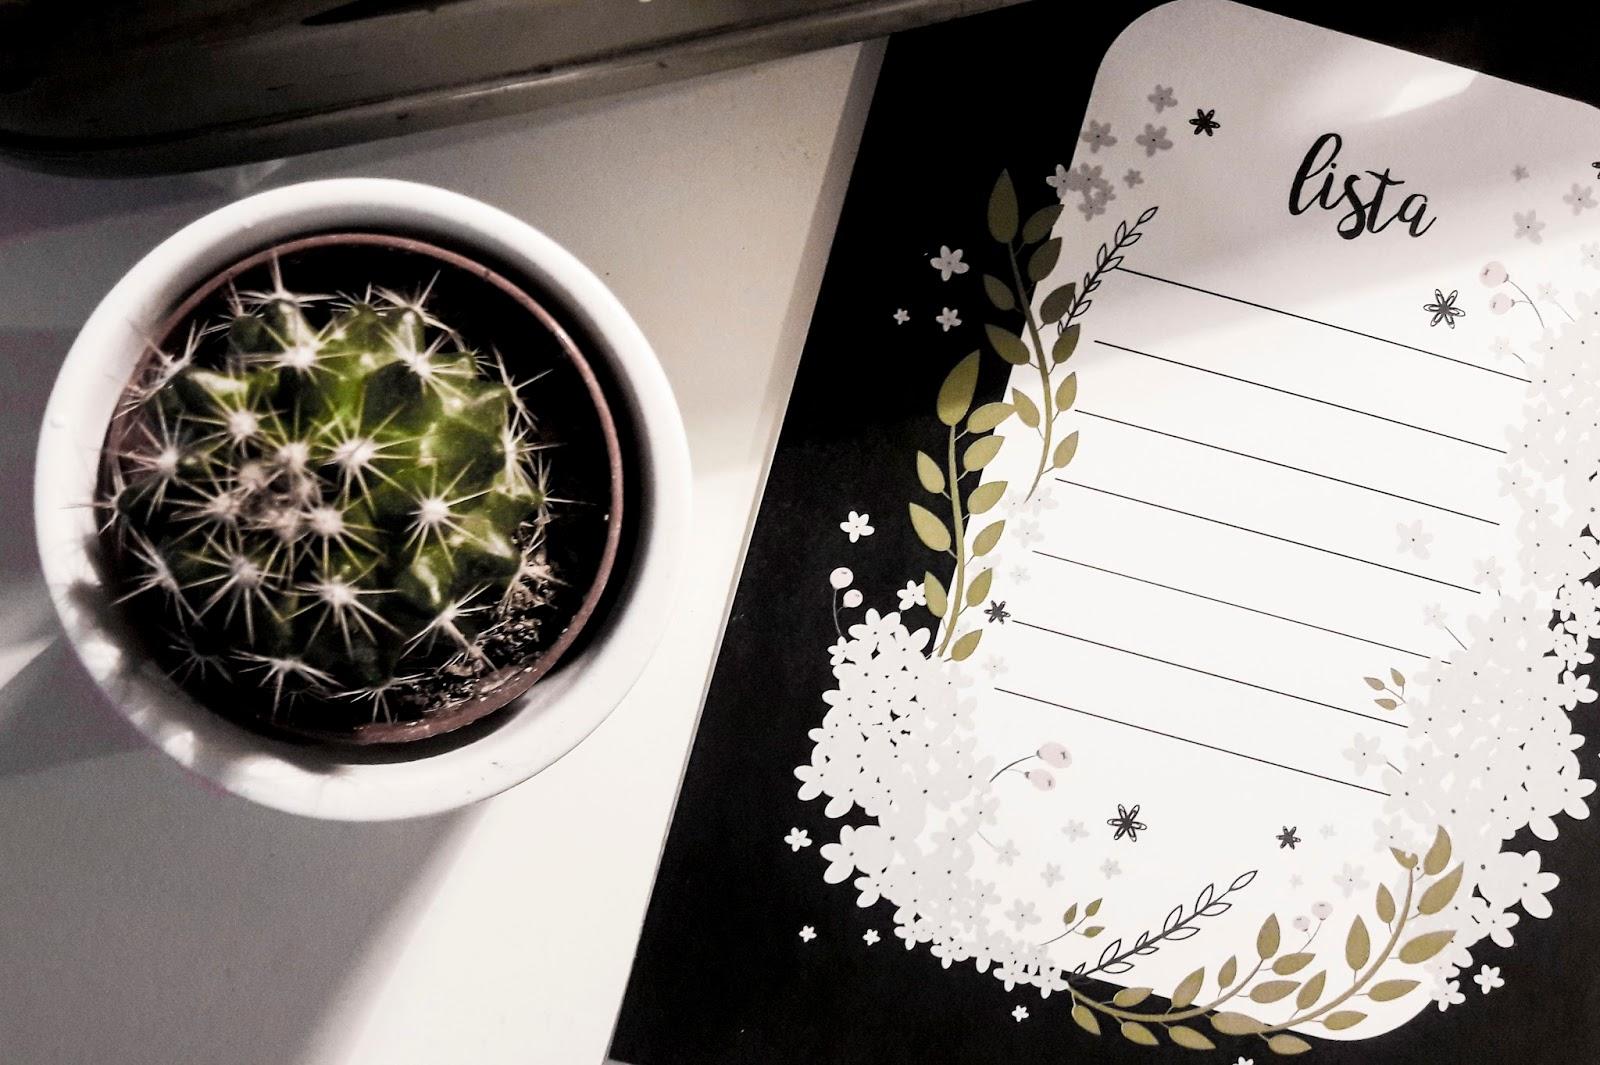 Bloom Flowers czyli Twoja lista TO-DO